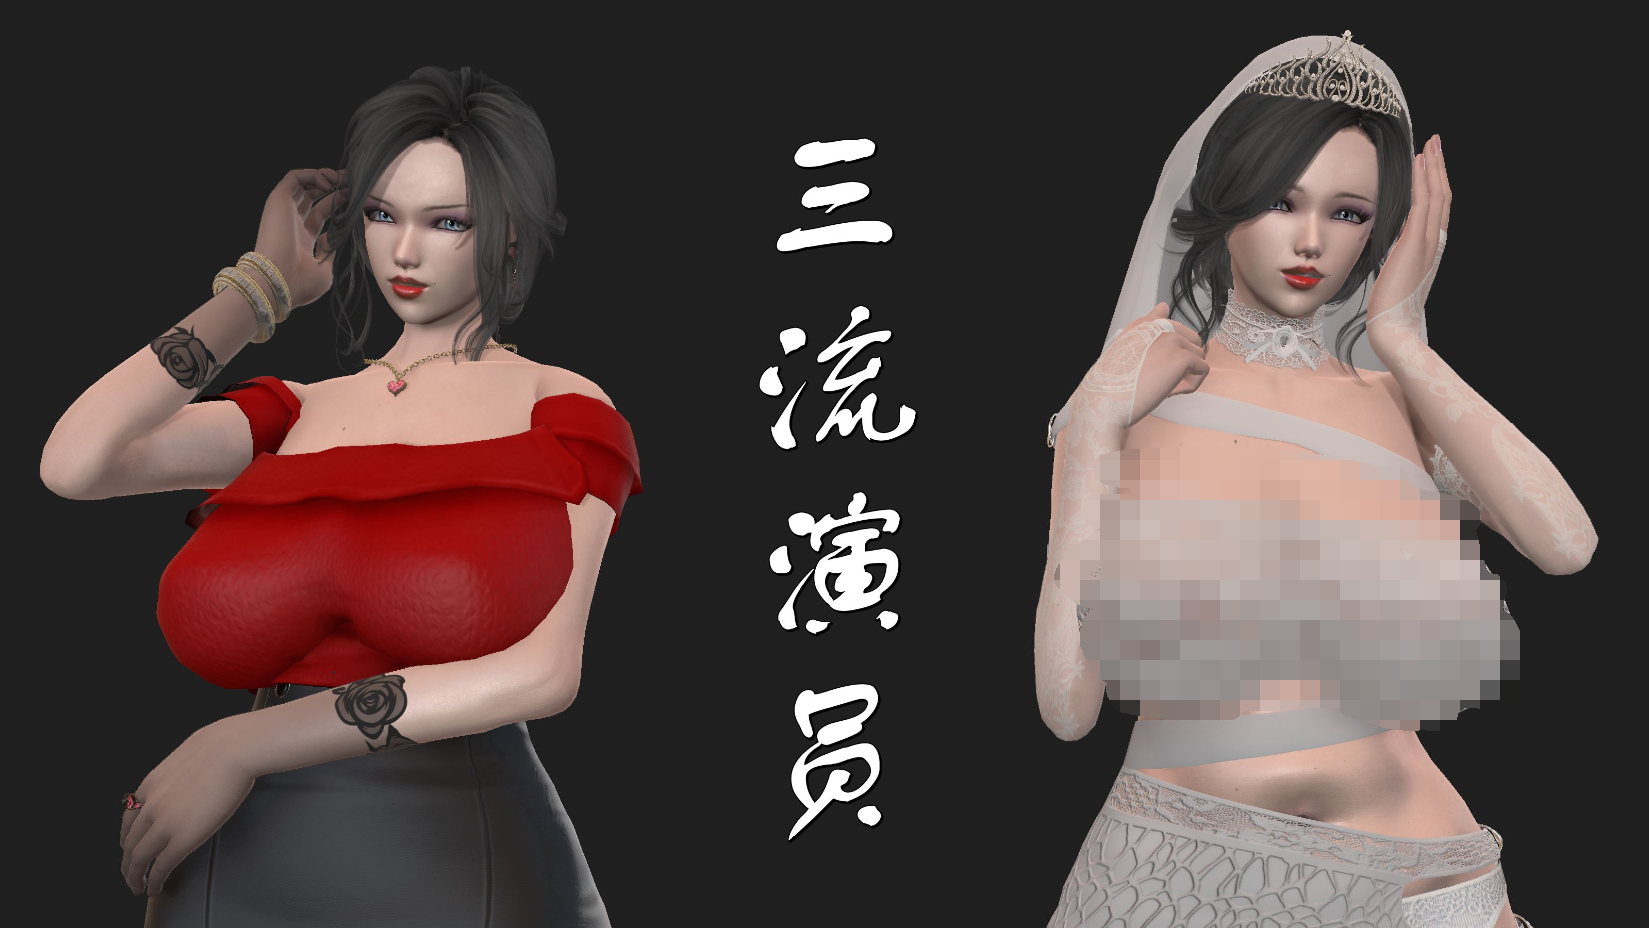 【浮士德搬运】三流演员(3D全彩)